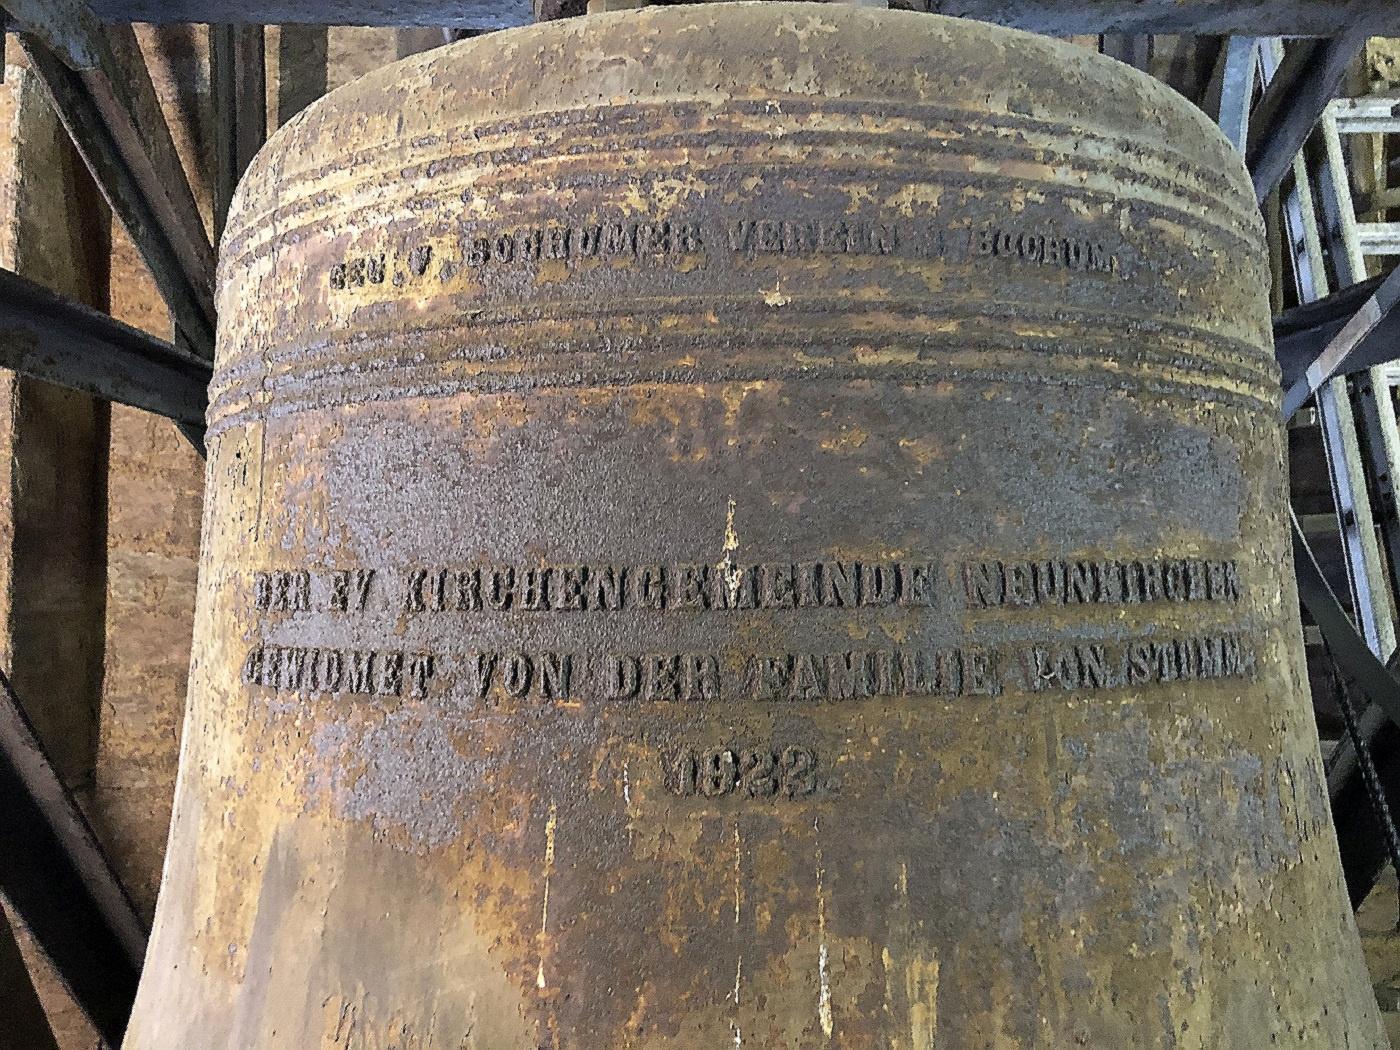 1922 vom Bochumer Verein gegossene Glocke der Christuskirche (Fotos: M. Hilka)